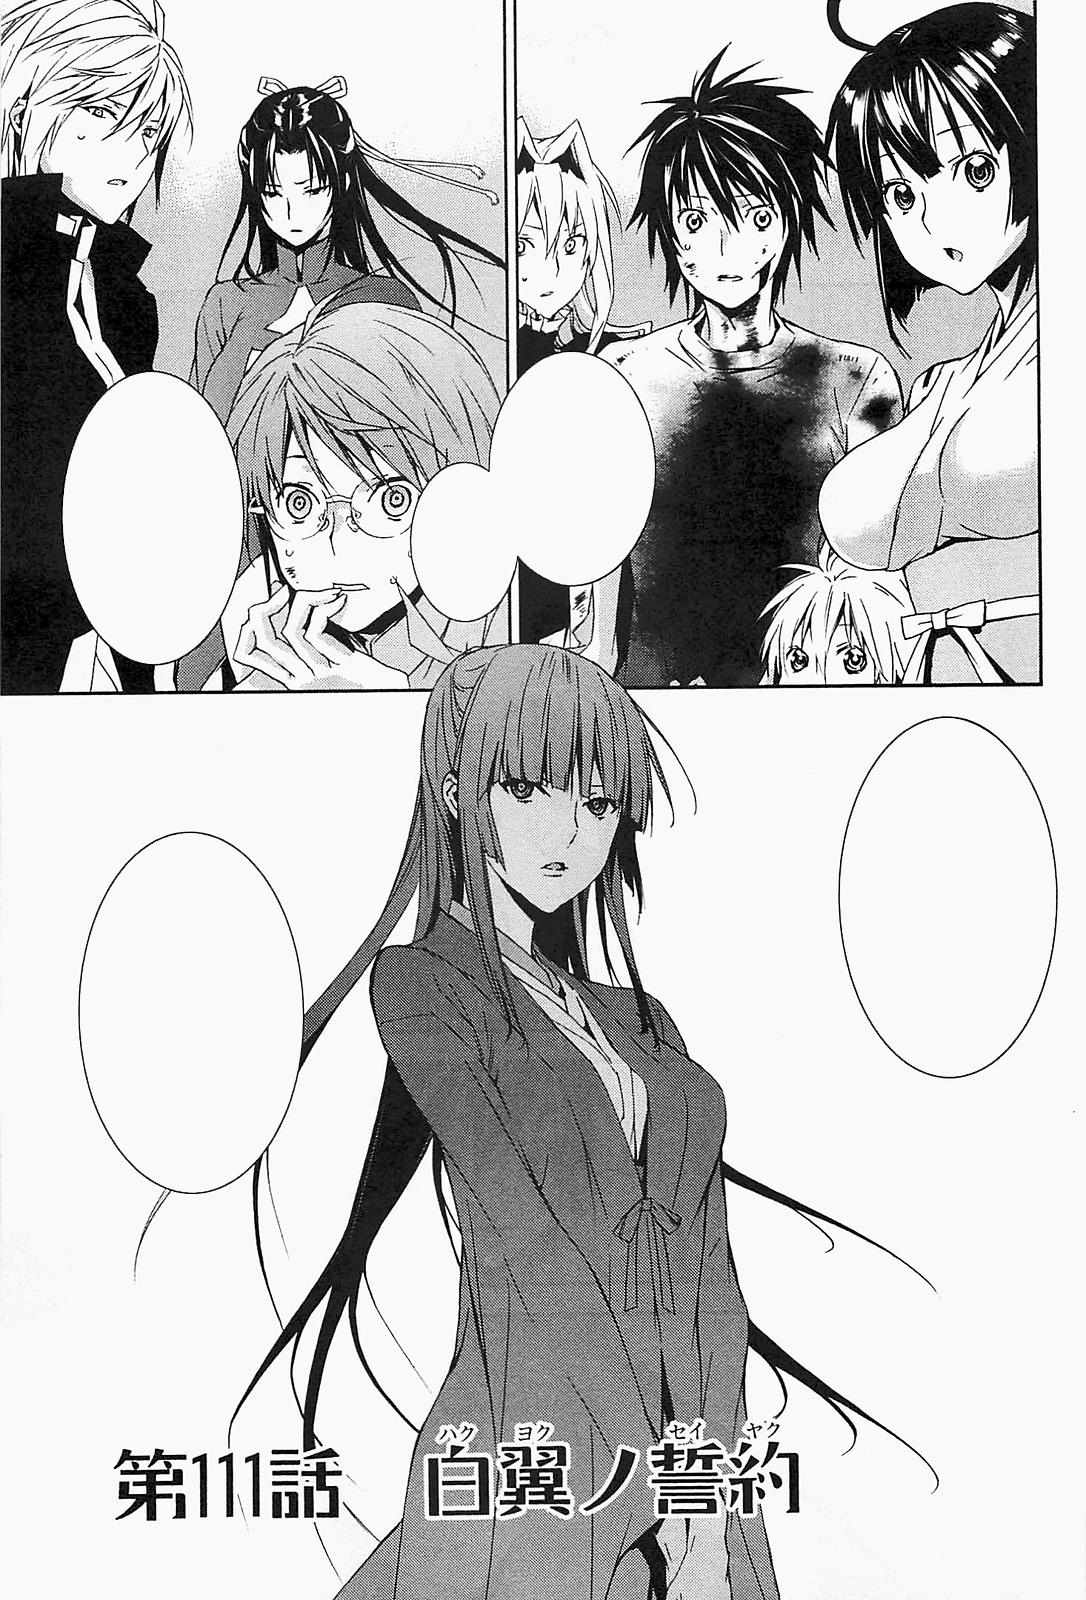 Sekirei manga chapter 111.jpg